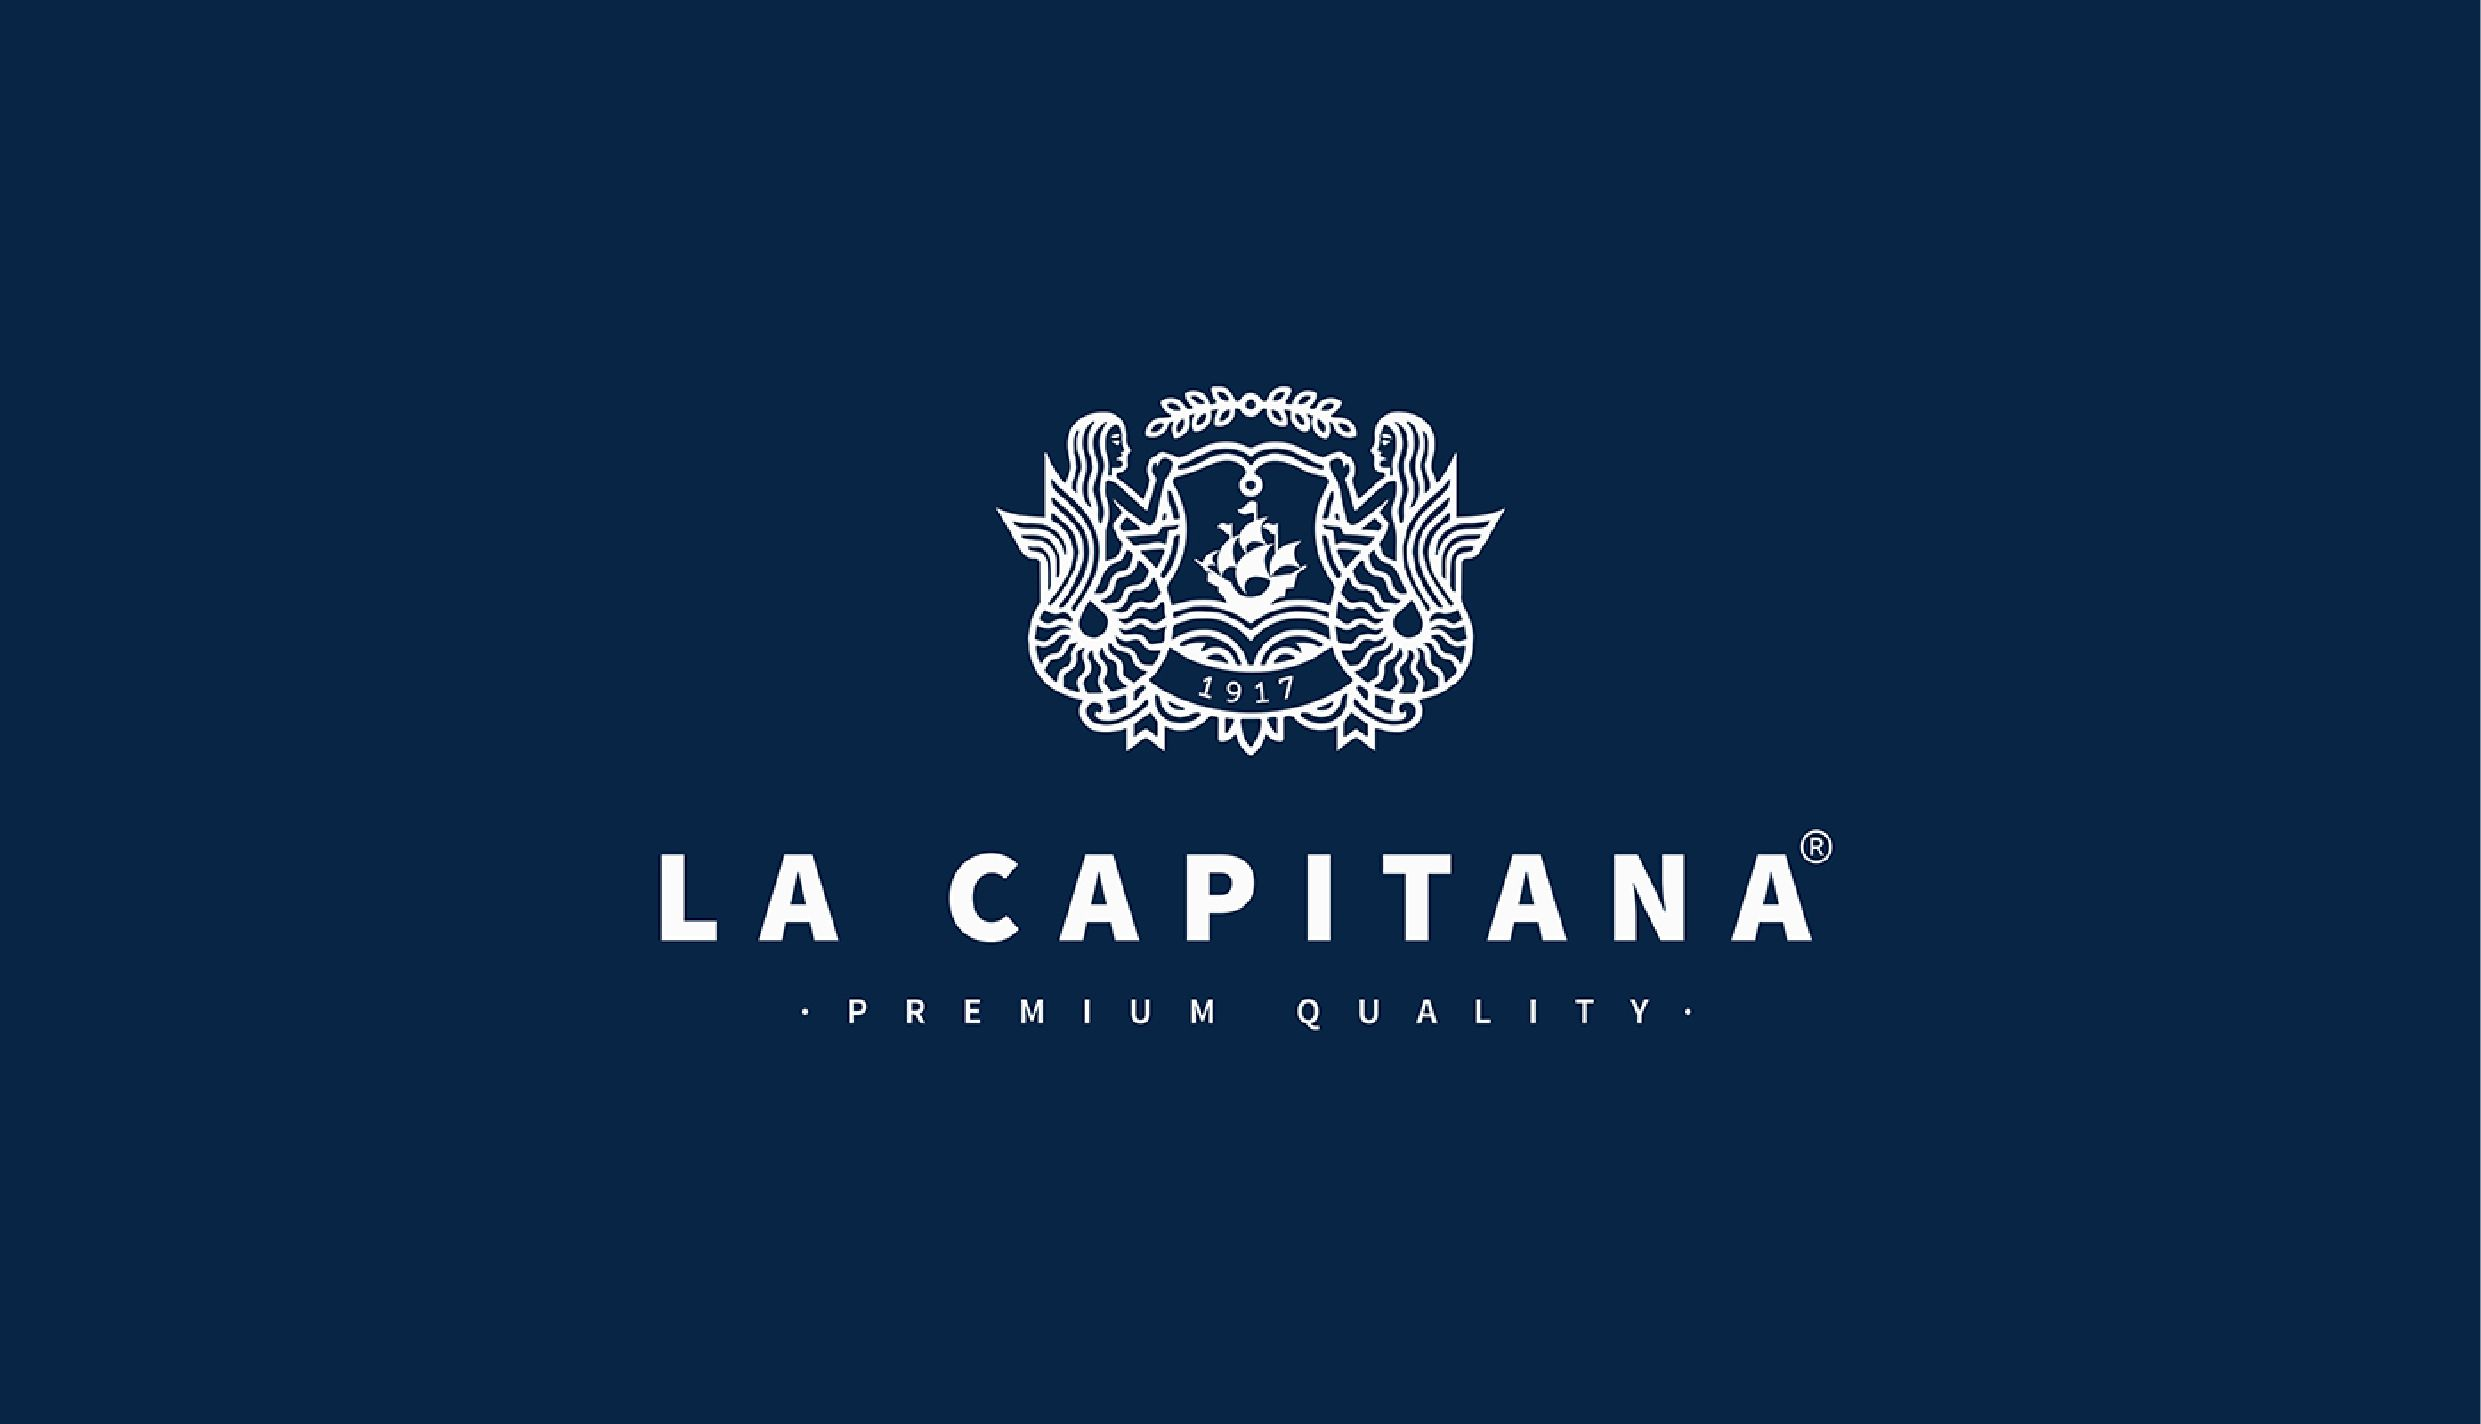 diseño imagen corporativa la capitana